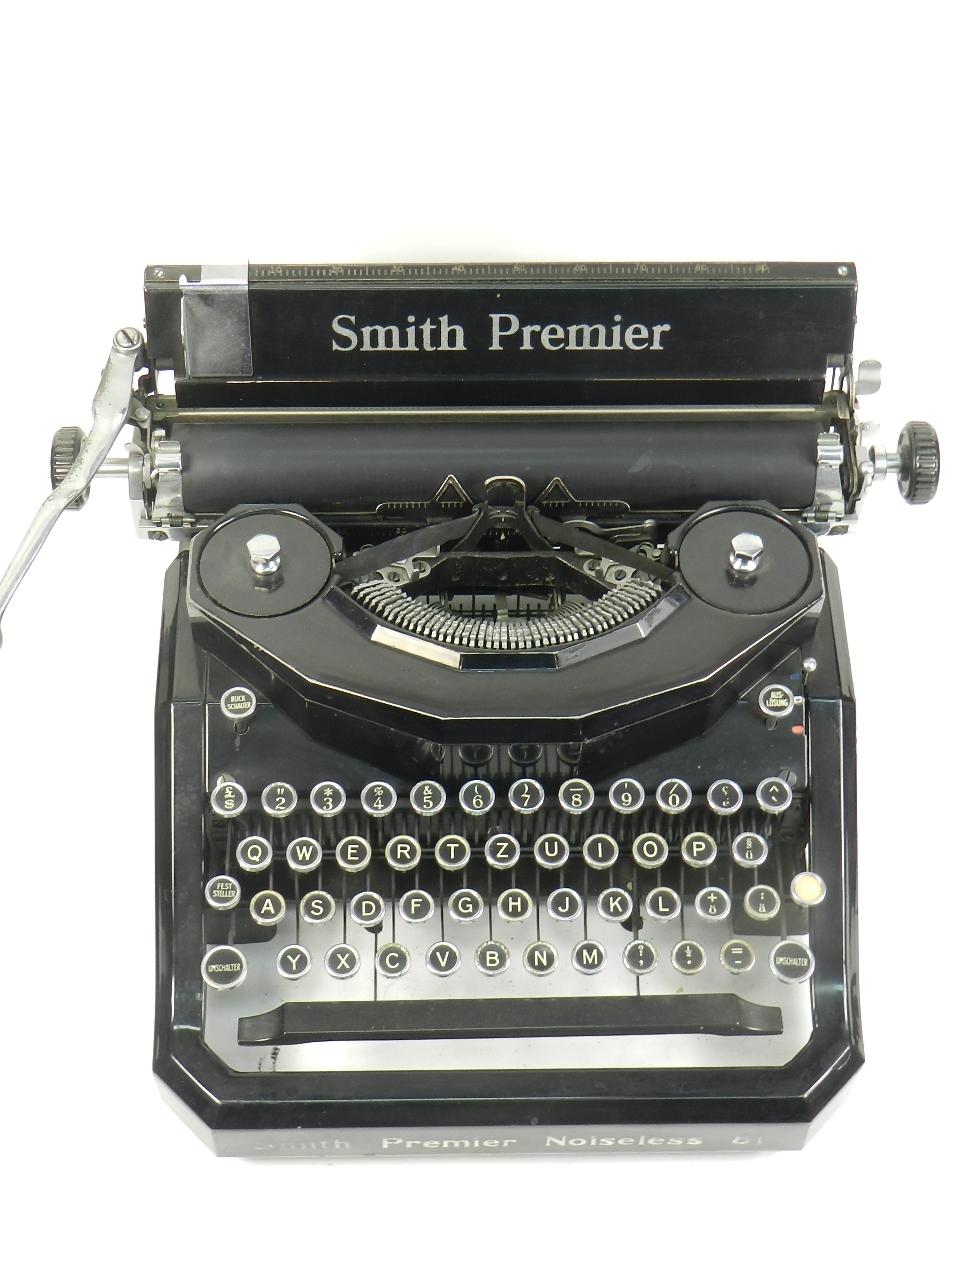 Imagen SMITH PREMIER NOISELESS 81 AÑO 1935 30186